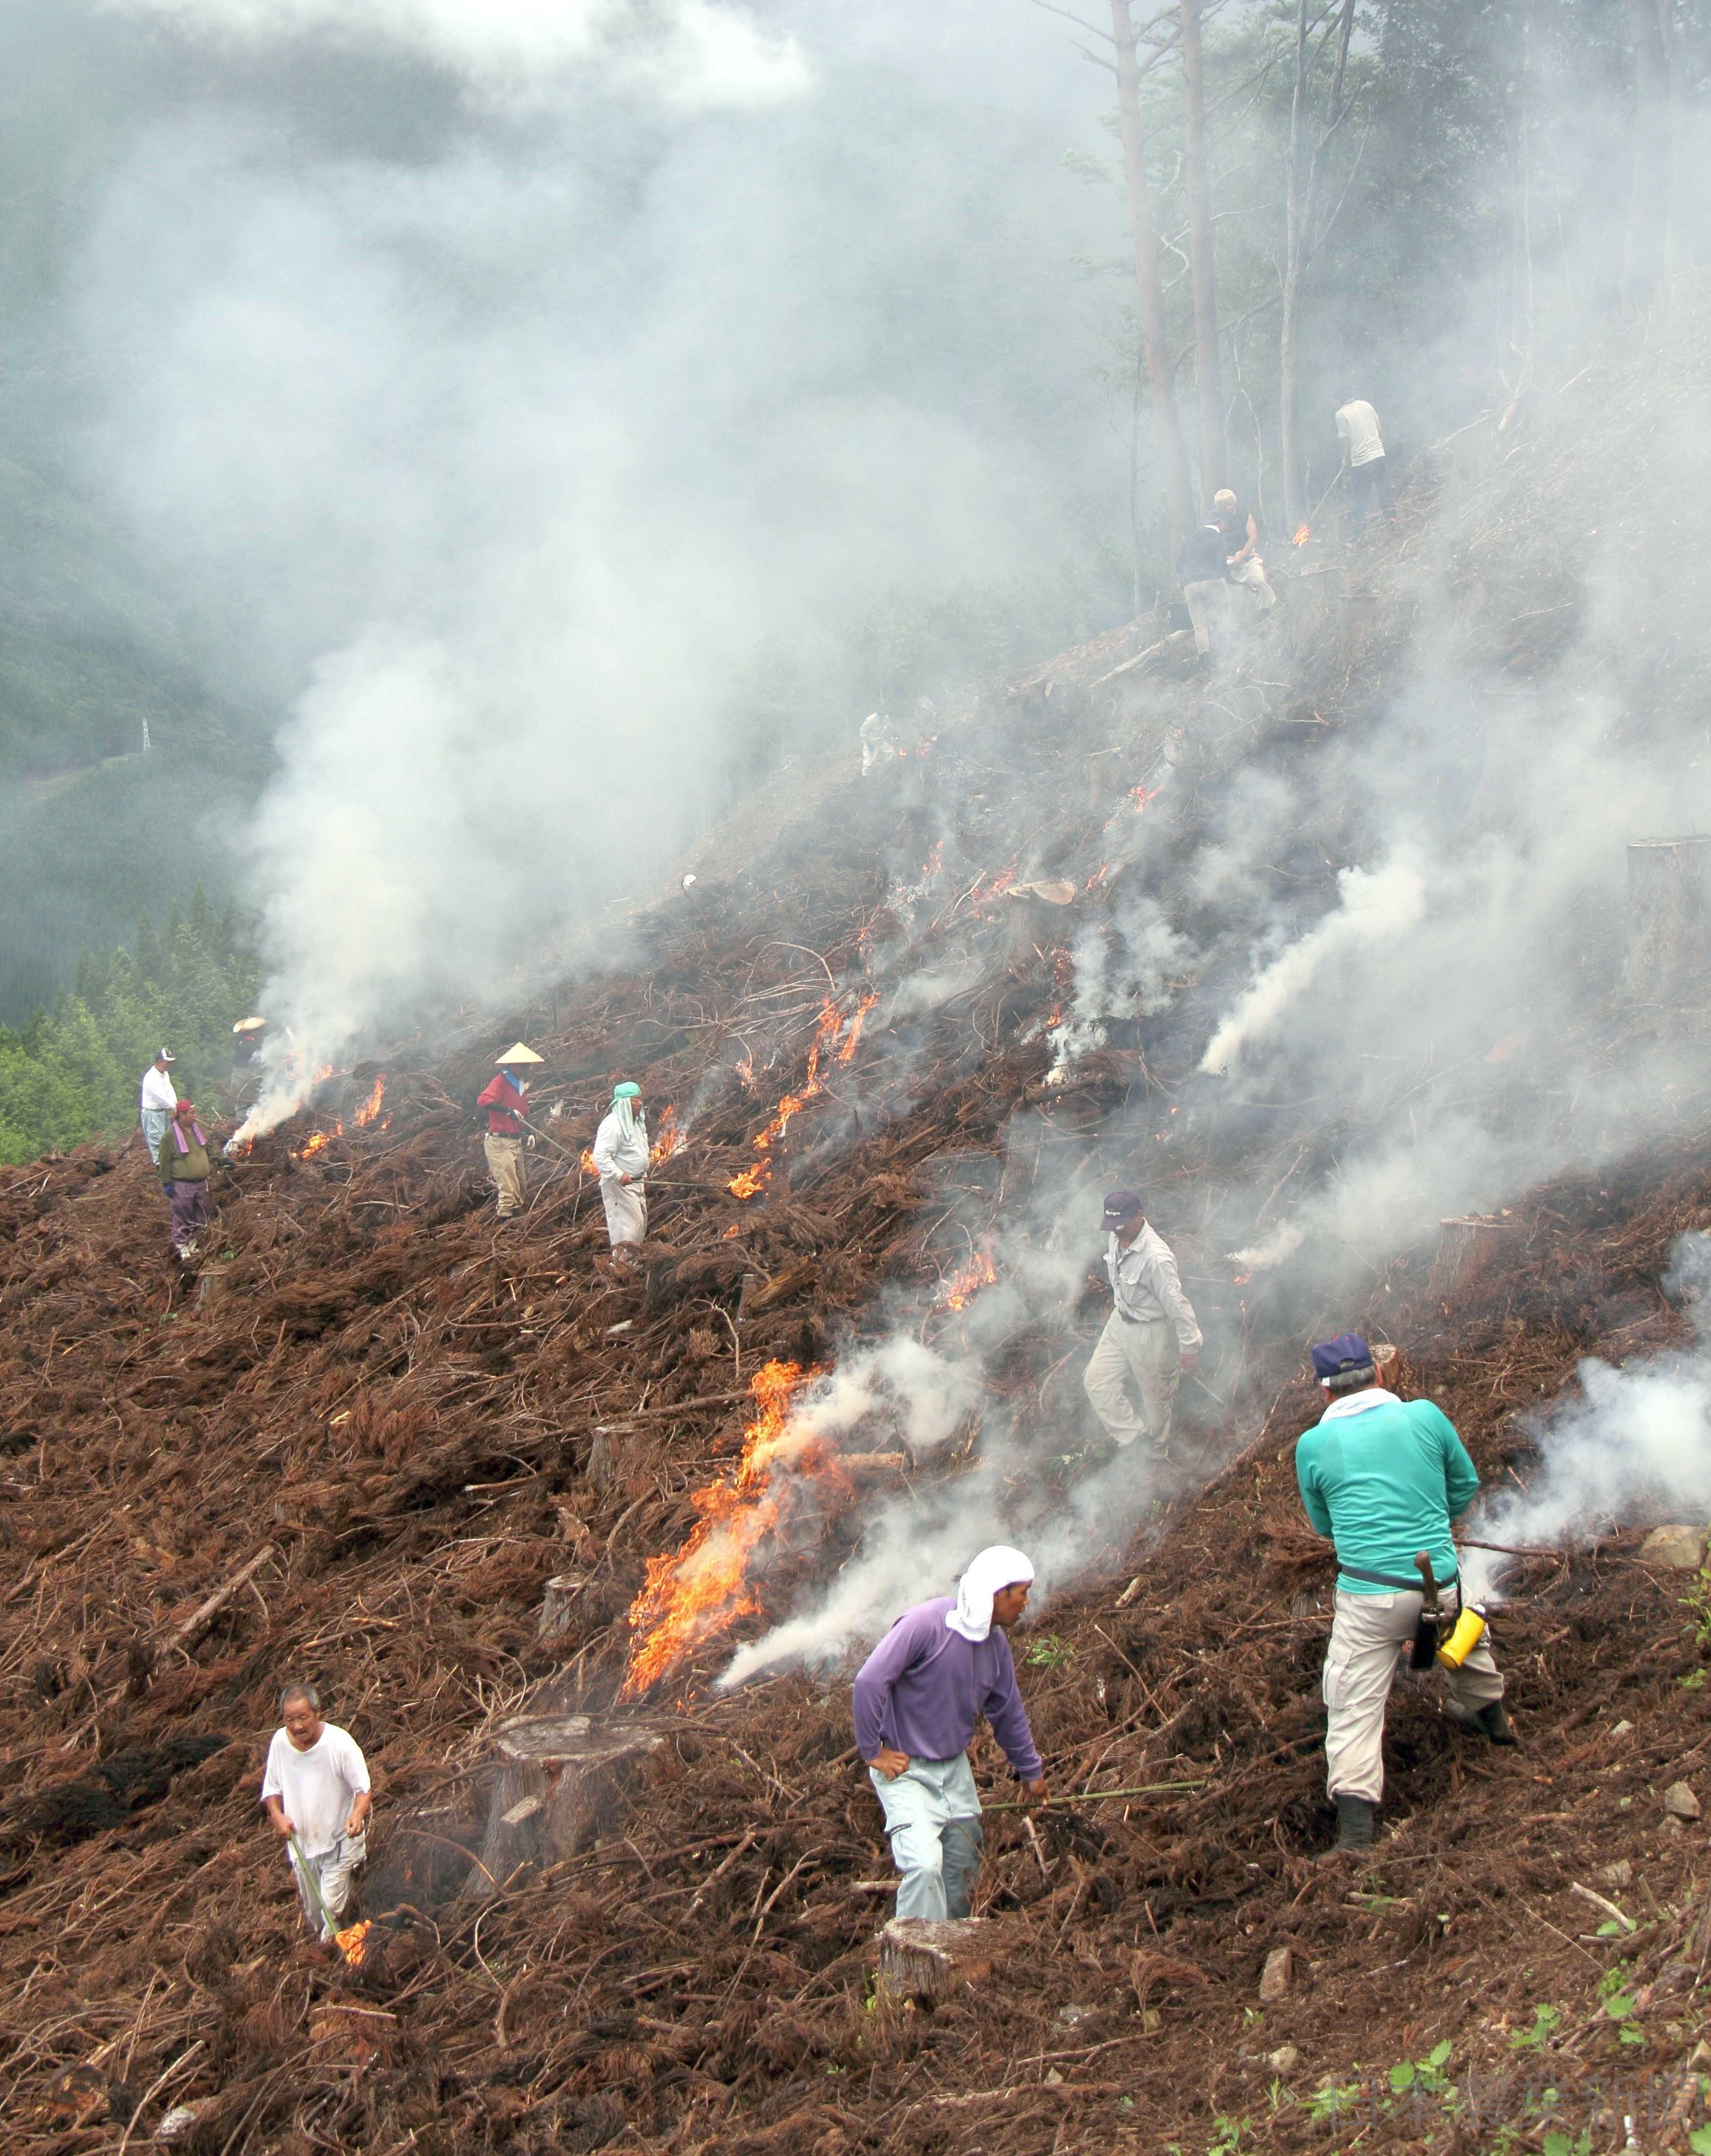 畑 焼き もみがらを焼いて畑にまくとなぜよいのですか。また、もみがらの利用方法についてもおしえてください。:農林水産省